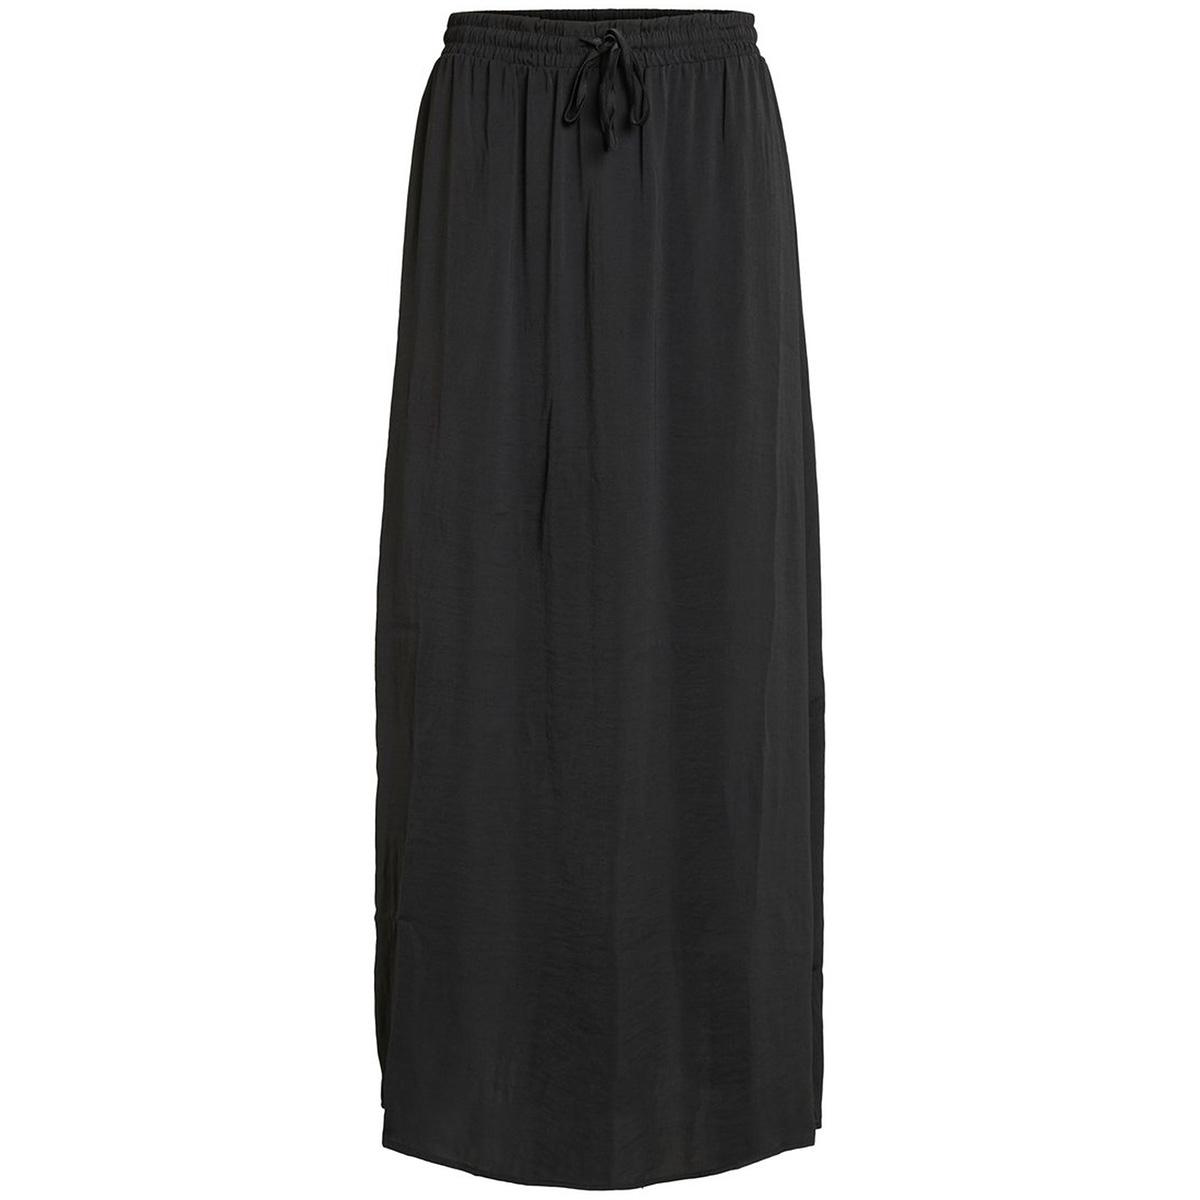 vicava maxi skirt - noos 14044573 vila rok black